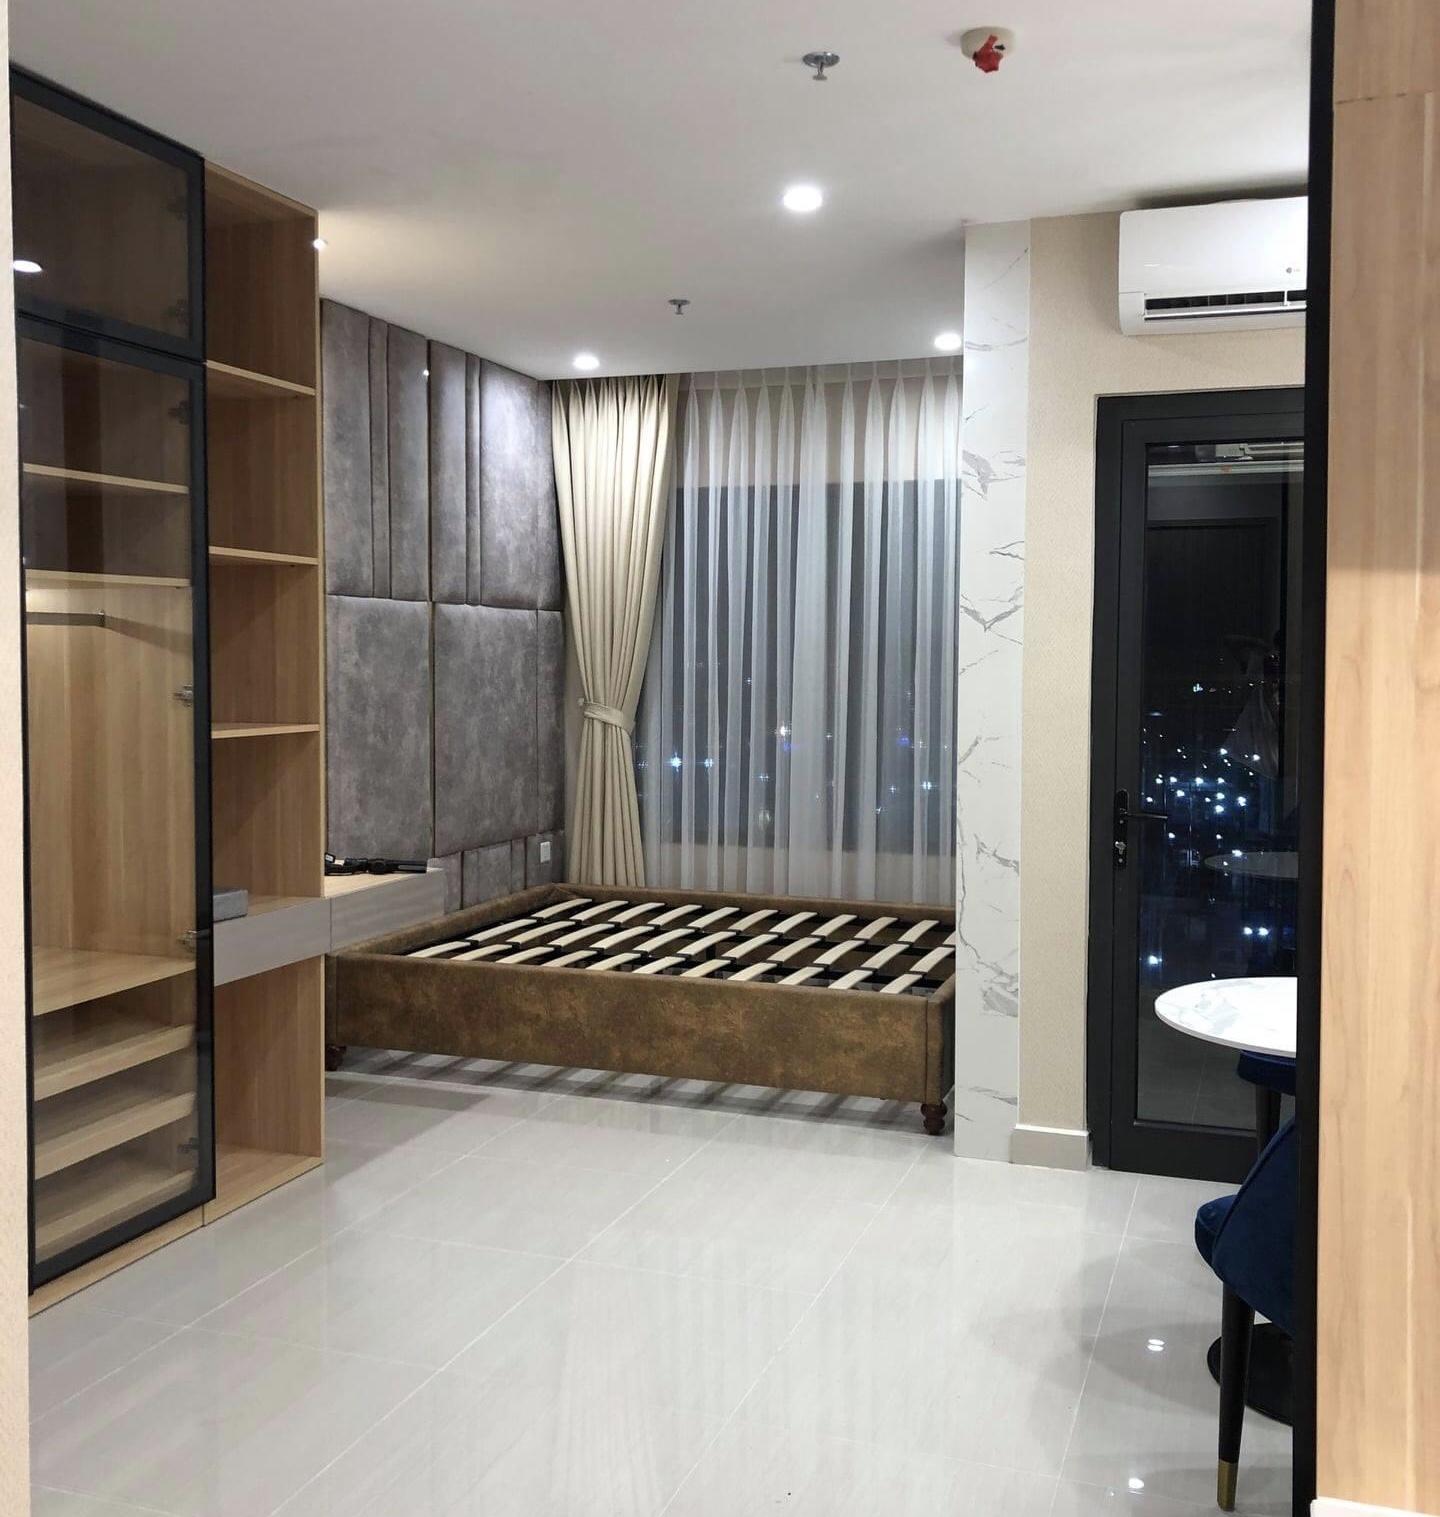 Căn hộ Studio 34m2 tầng 6 toà S5.01 Nội thất đầy đủ giá 5tr/tháng 3